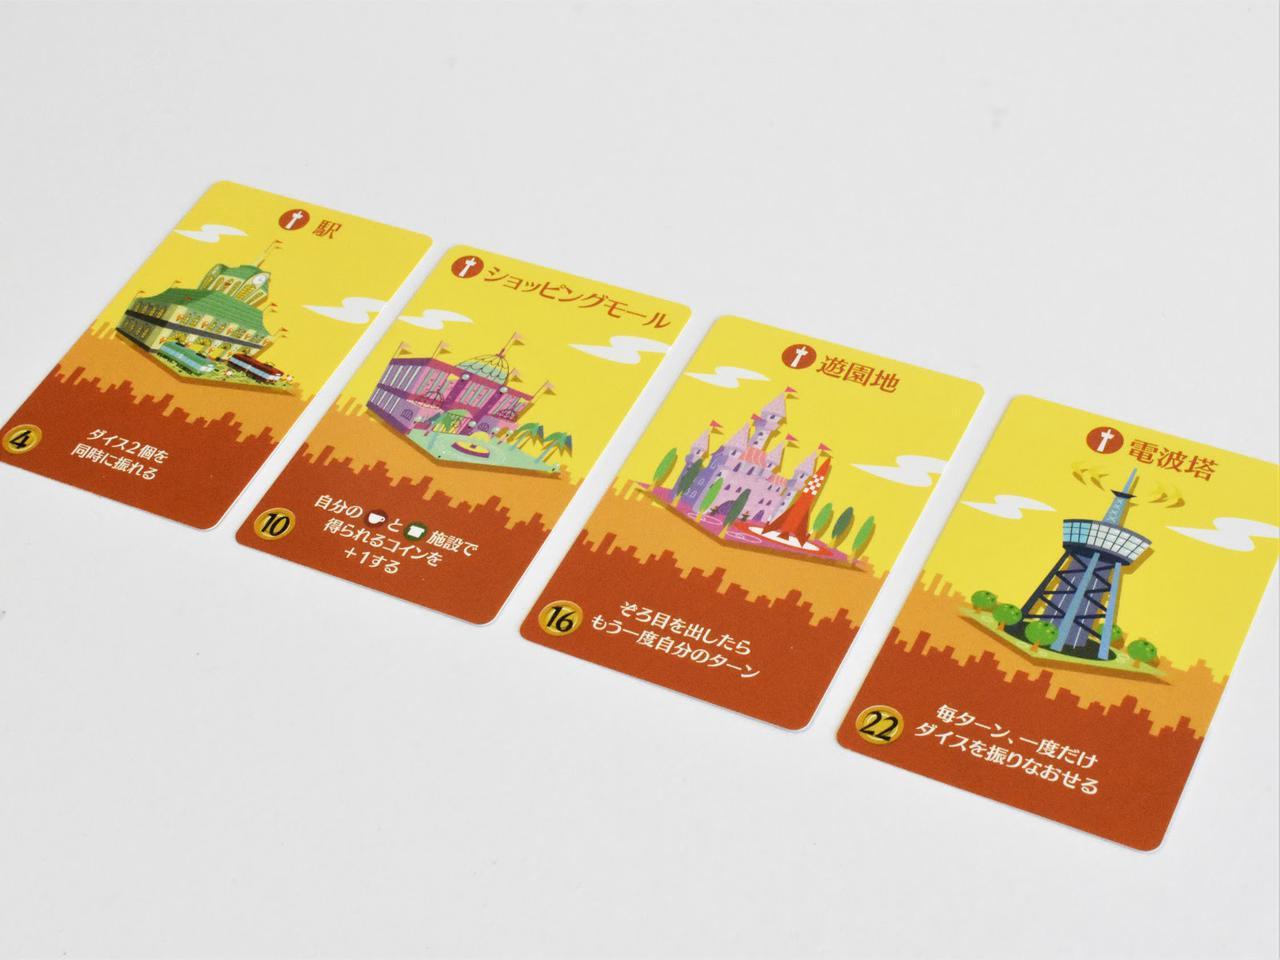 画像: 【梅雨の楽しみ方】人気ボードゲーム「街コロ」で遊ぼう!おうちキャンプにも最適!初心者必見 - ハピキャン(HAPPY CAMPER)